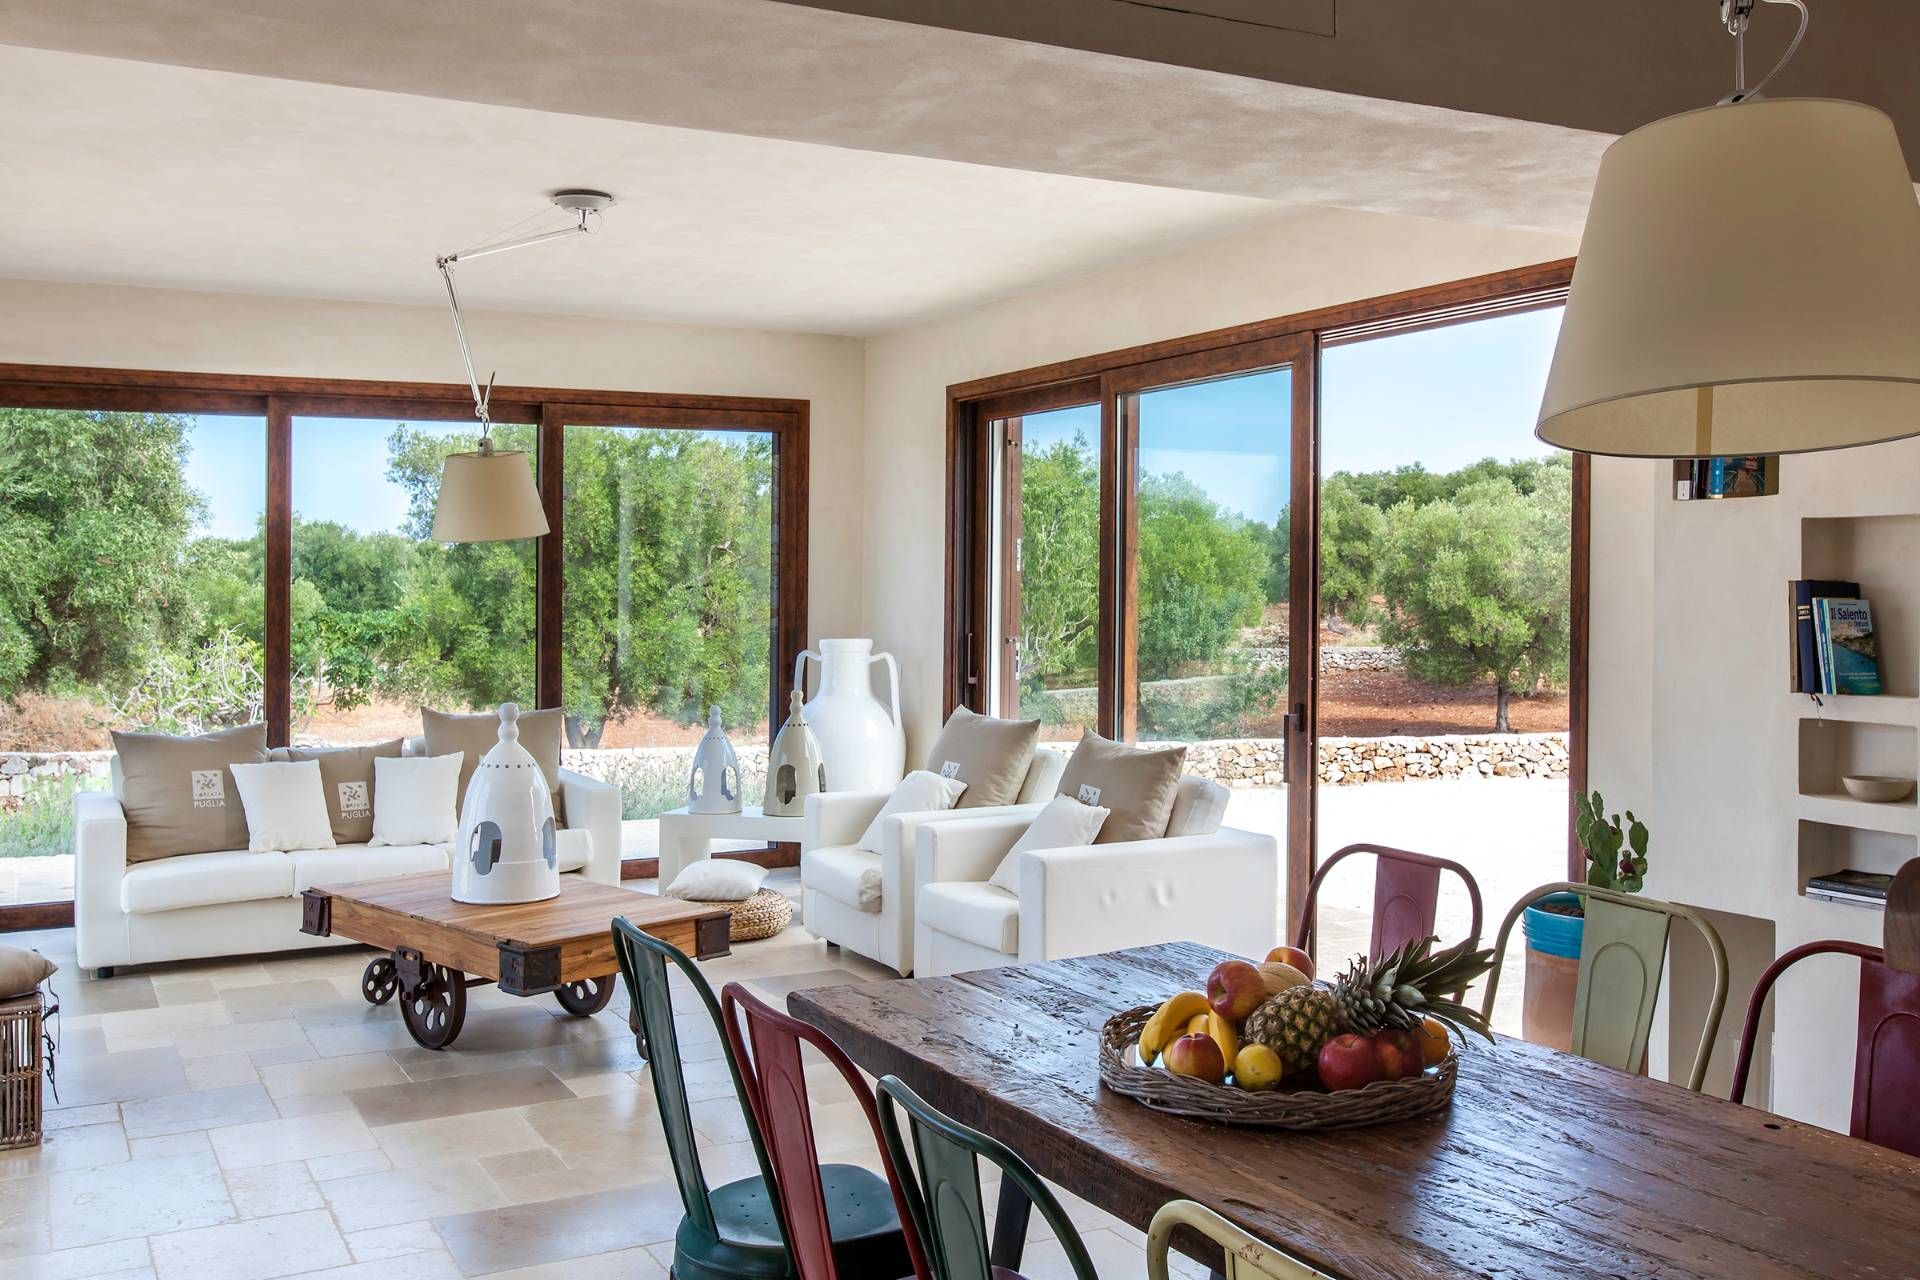 Villa in Vendita a Carovigno: 5 locali, 200 mq - Foto 4